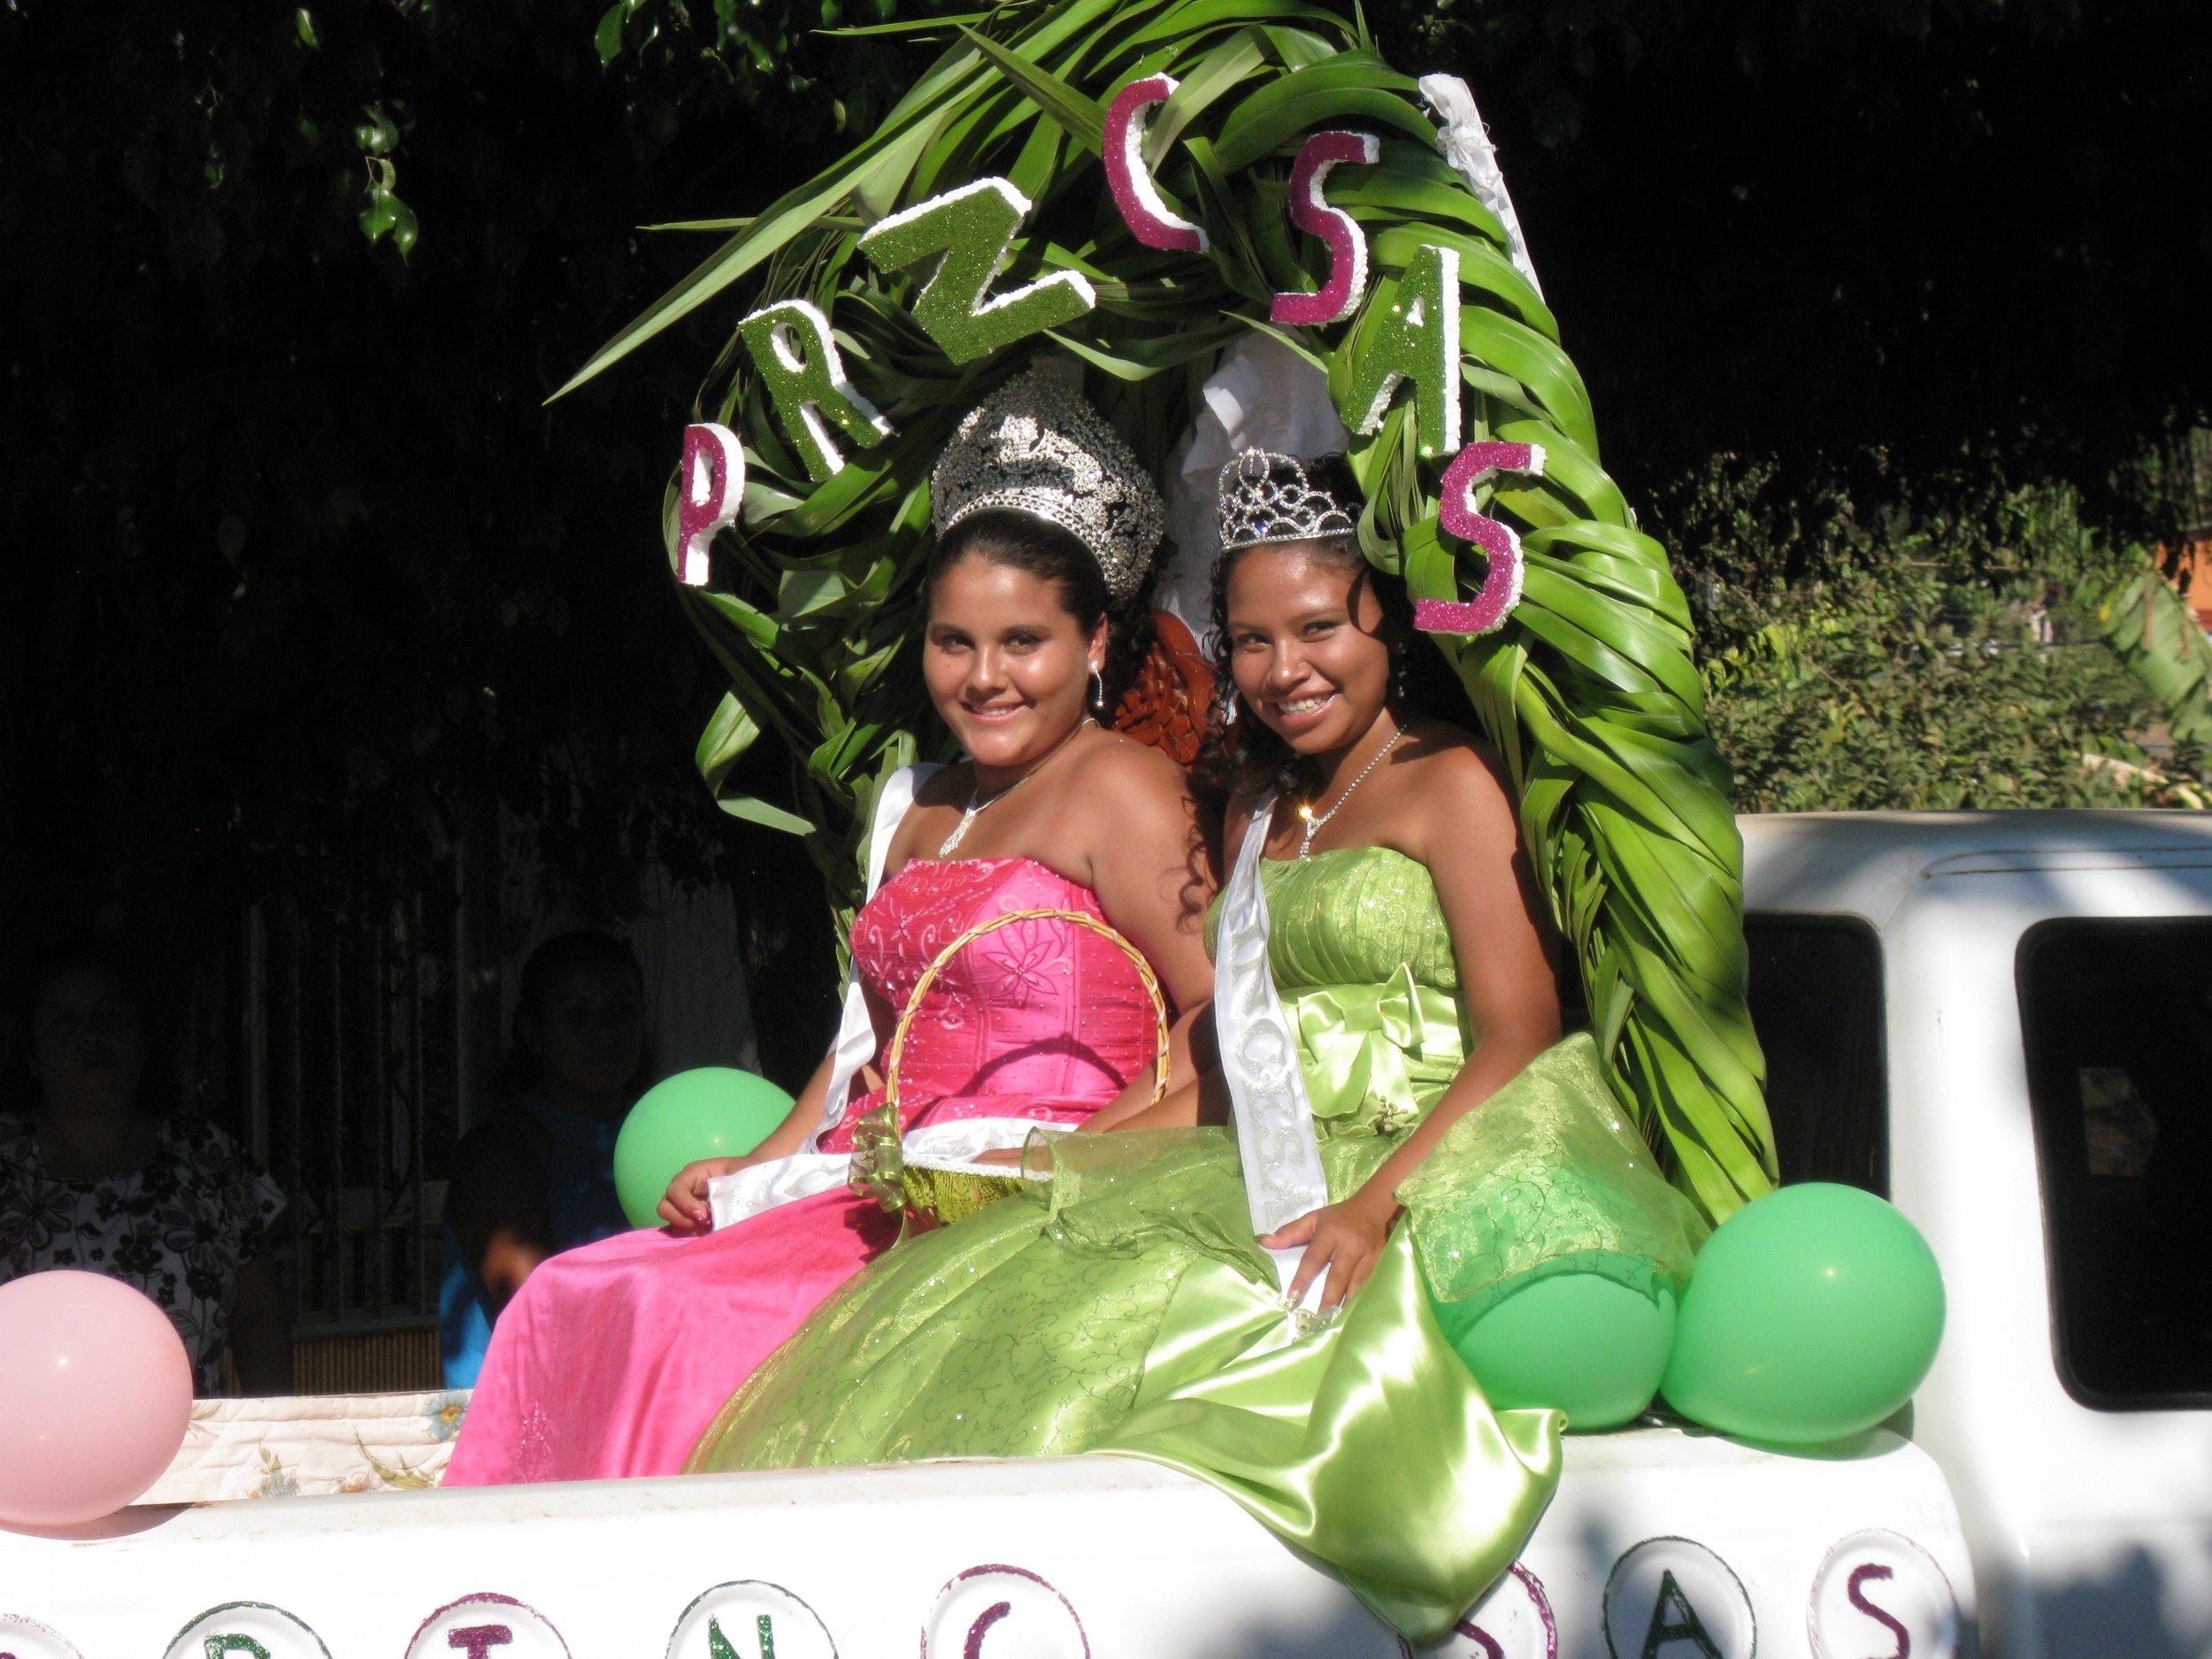 queens of the festiva